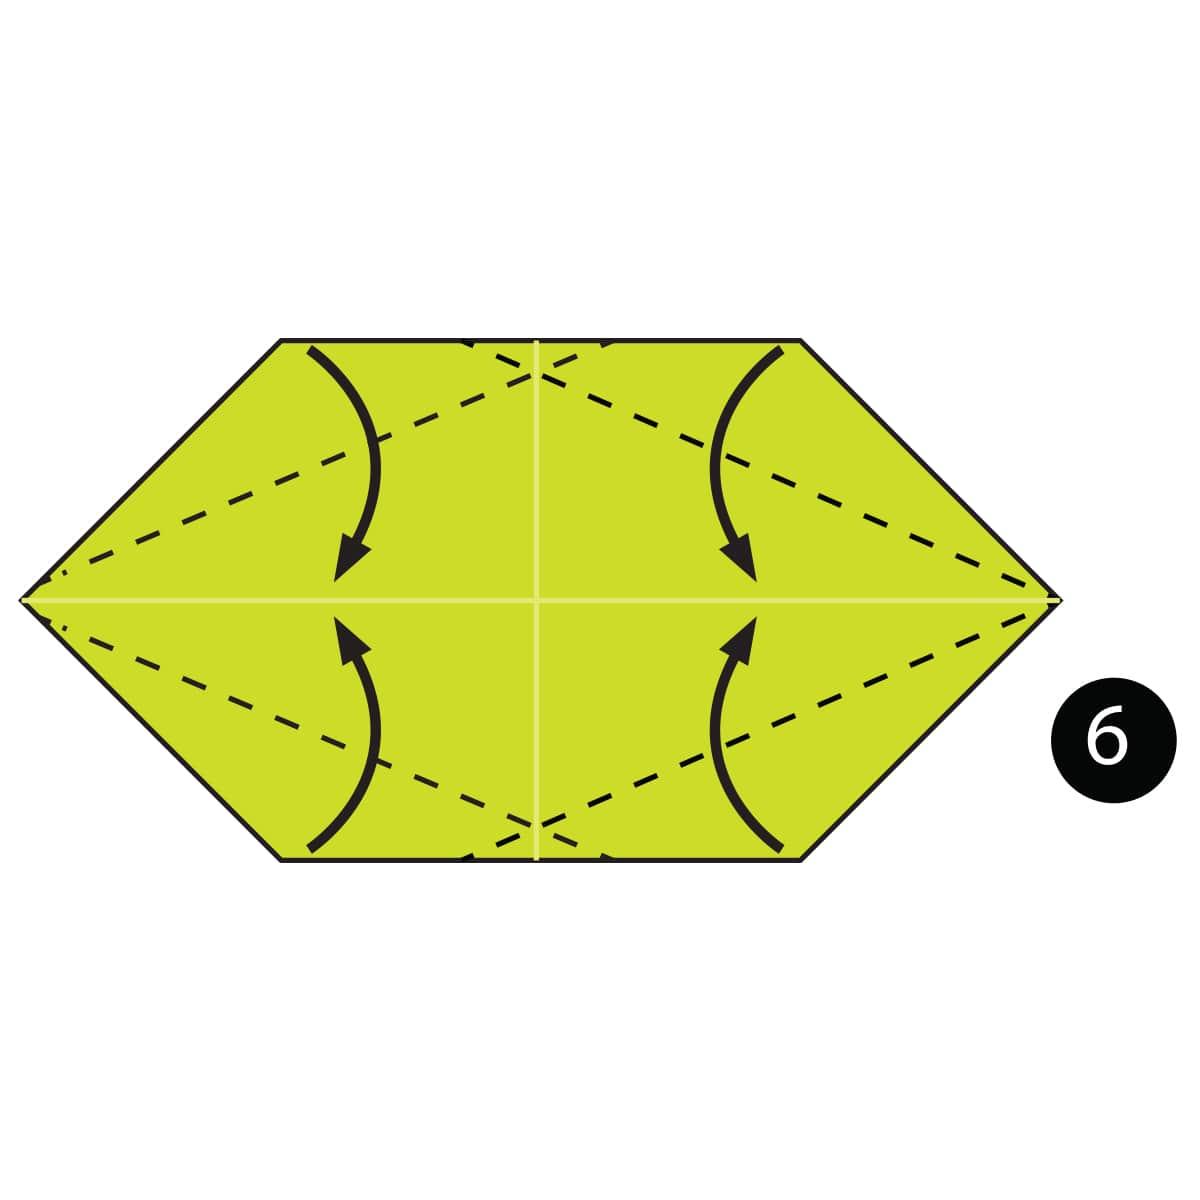 Chameleon Step 6